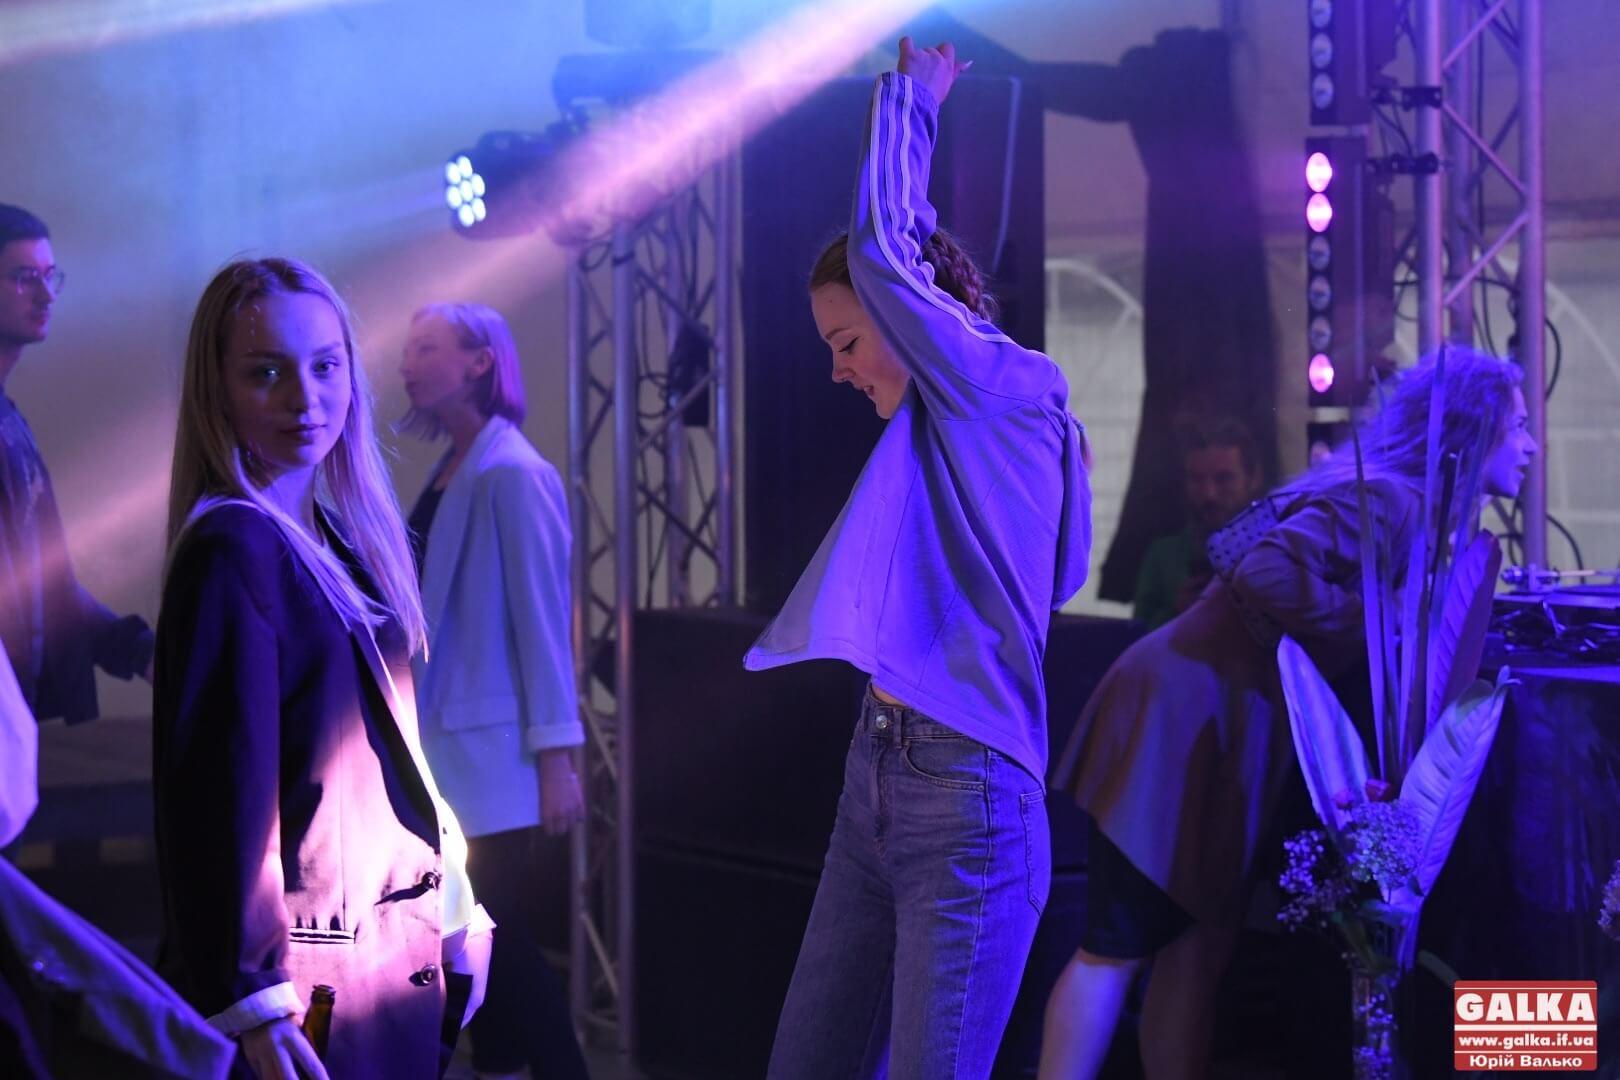 Вчились, розважались і танцювали: як пройшов фестиваль UTOPIA в Івано-Франківську (ФОТО)